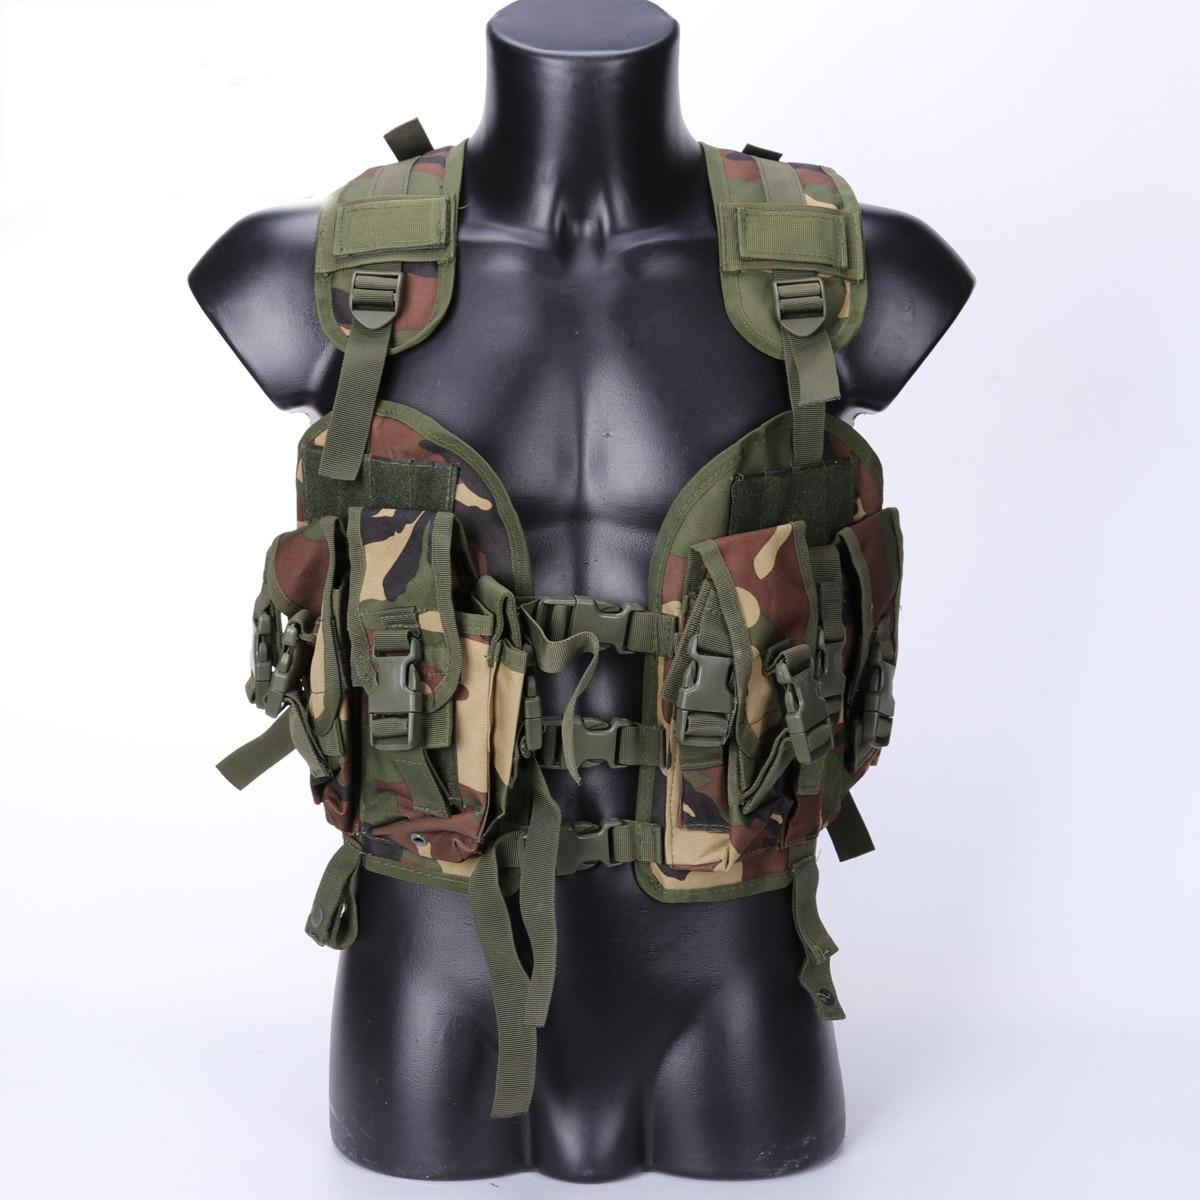 2019 Nouveau Extérieure veste tactique Joints Commando chasse Le Cheval Première CQB LBV Modulaire Tourner Assault Vest sac d'eau gilet tactique